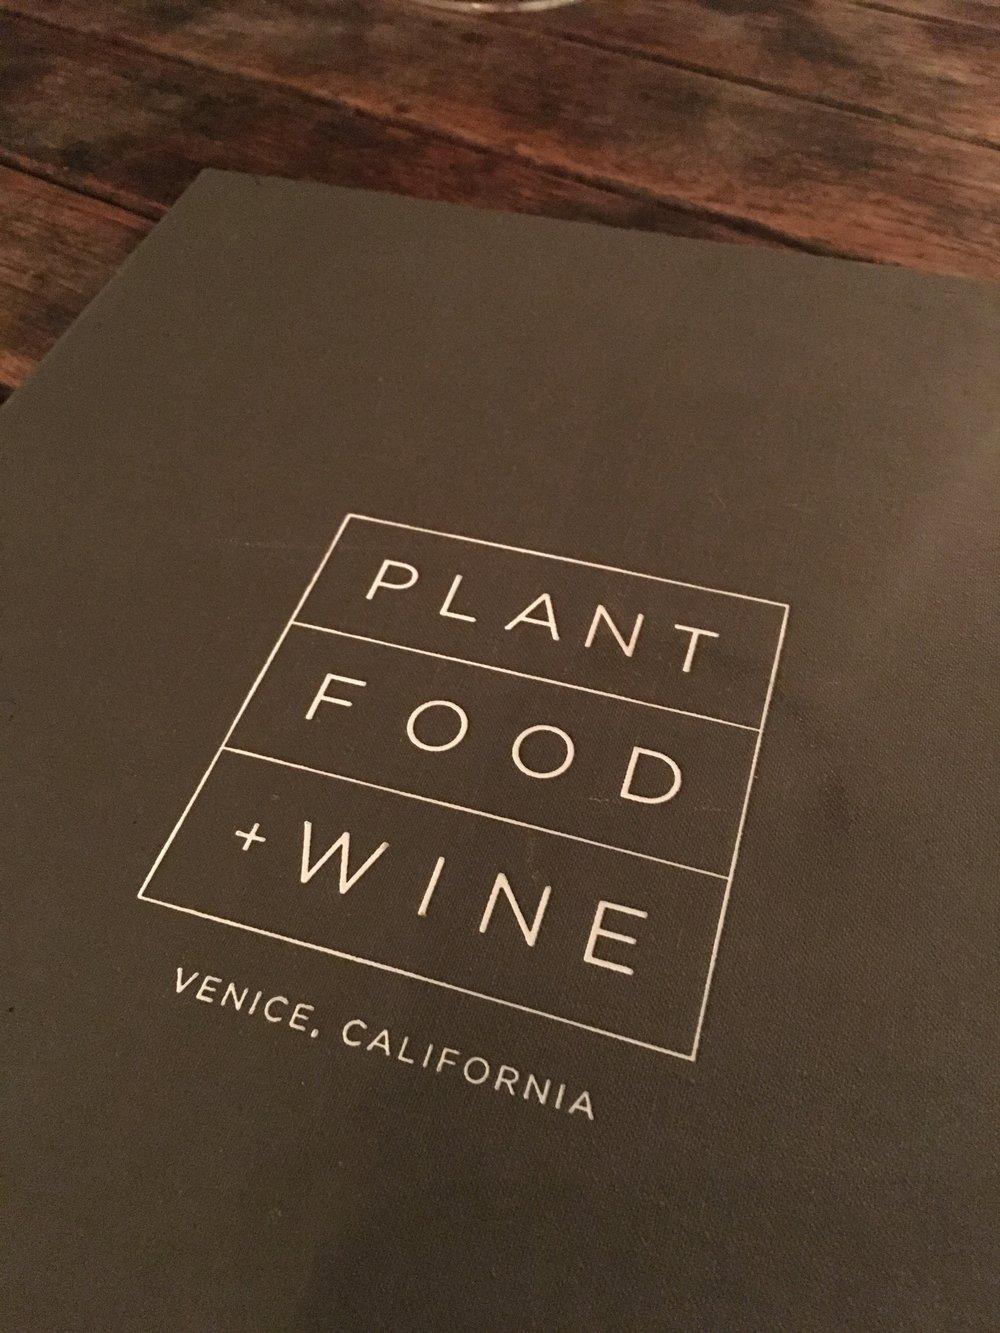 PlantFood+WineMenu.JPG